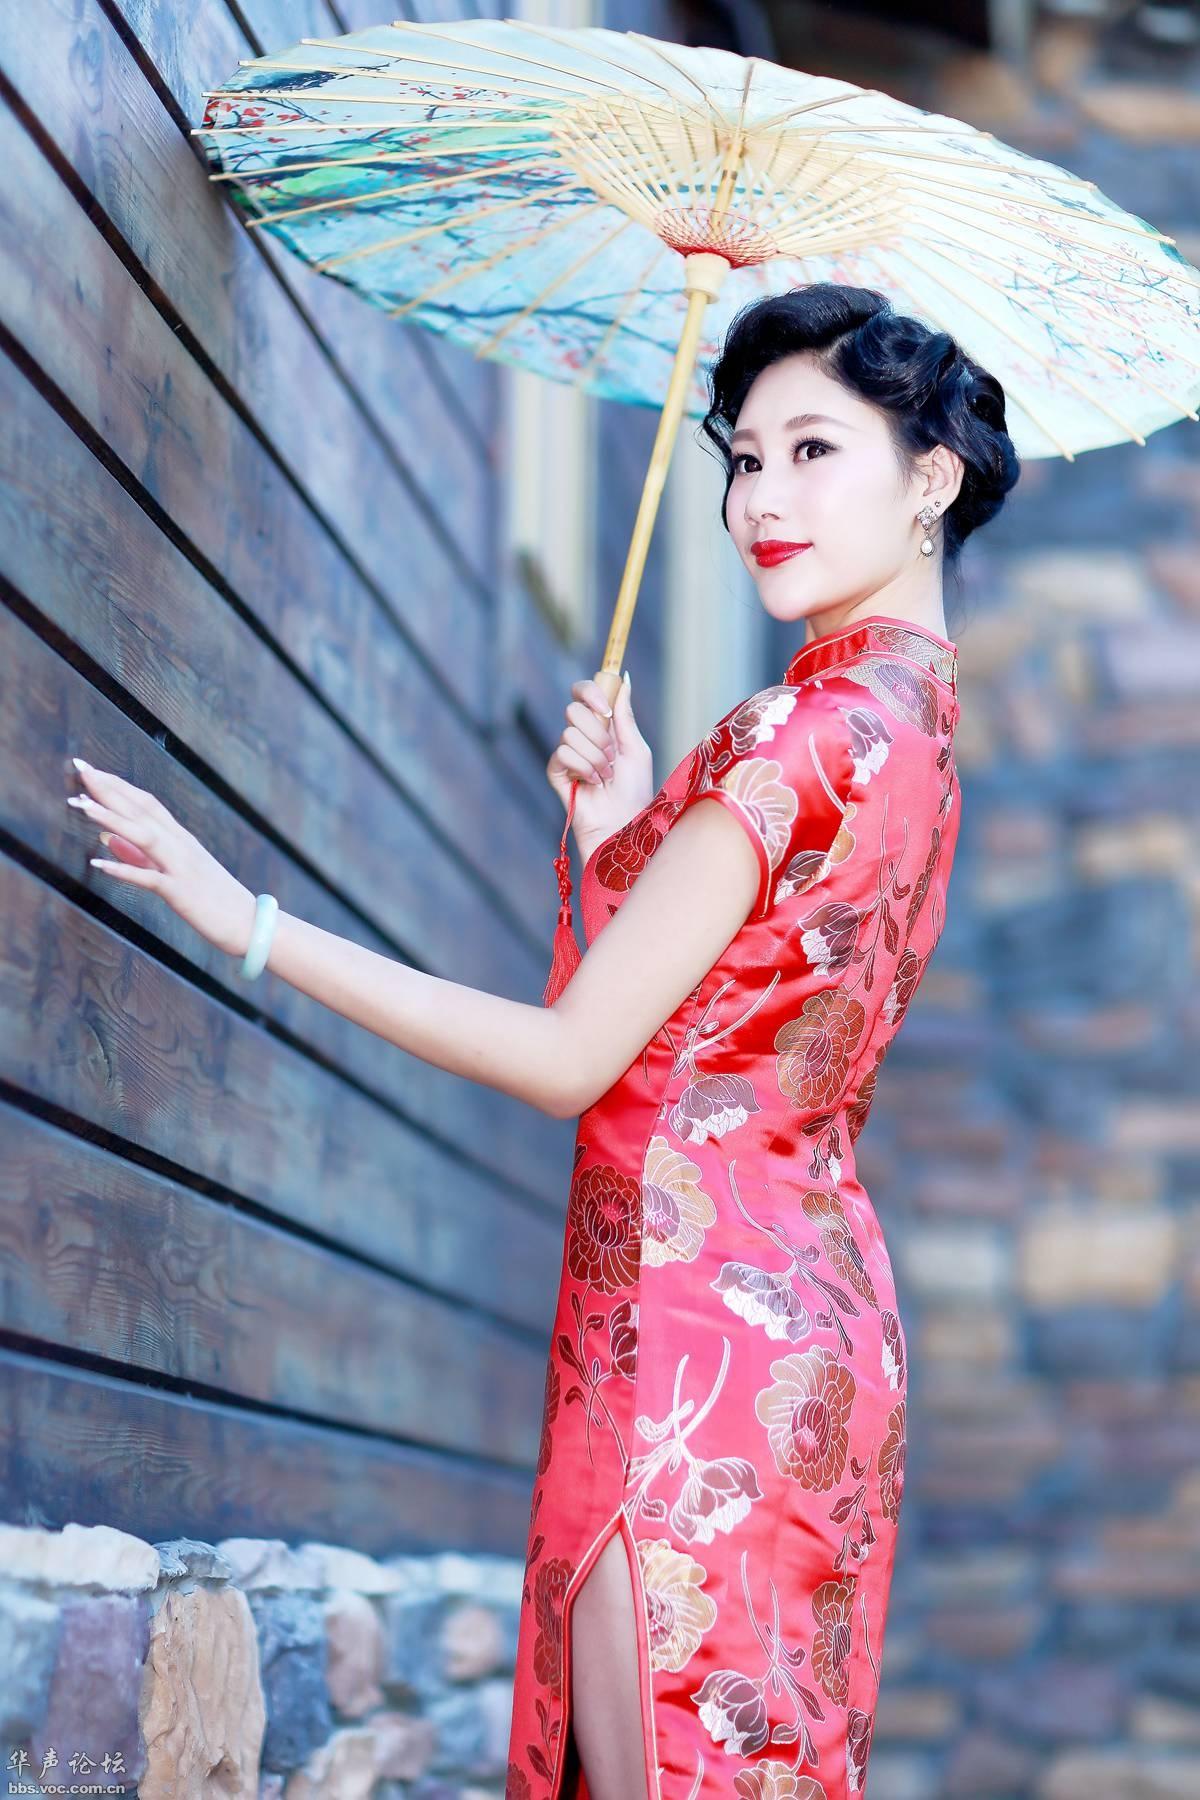 烟雨里,纸伞缱绻的心事 【音画欣赏】 - 长城雄风 ( 2 ) 博客 - 长城雄风『2』博客